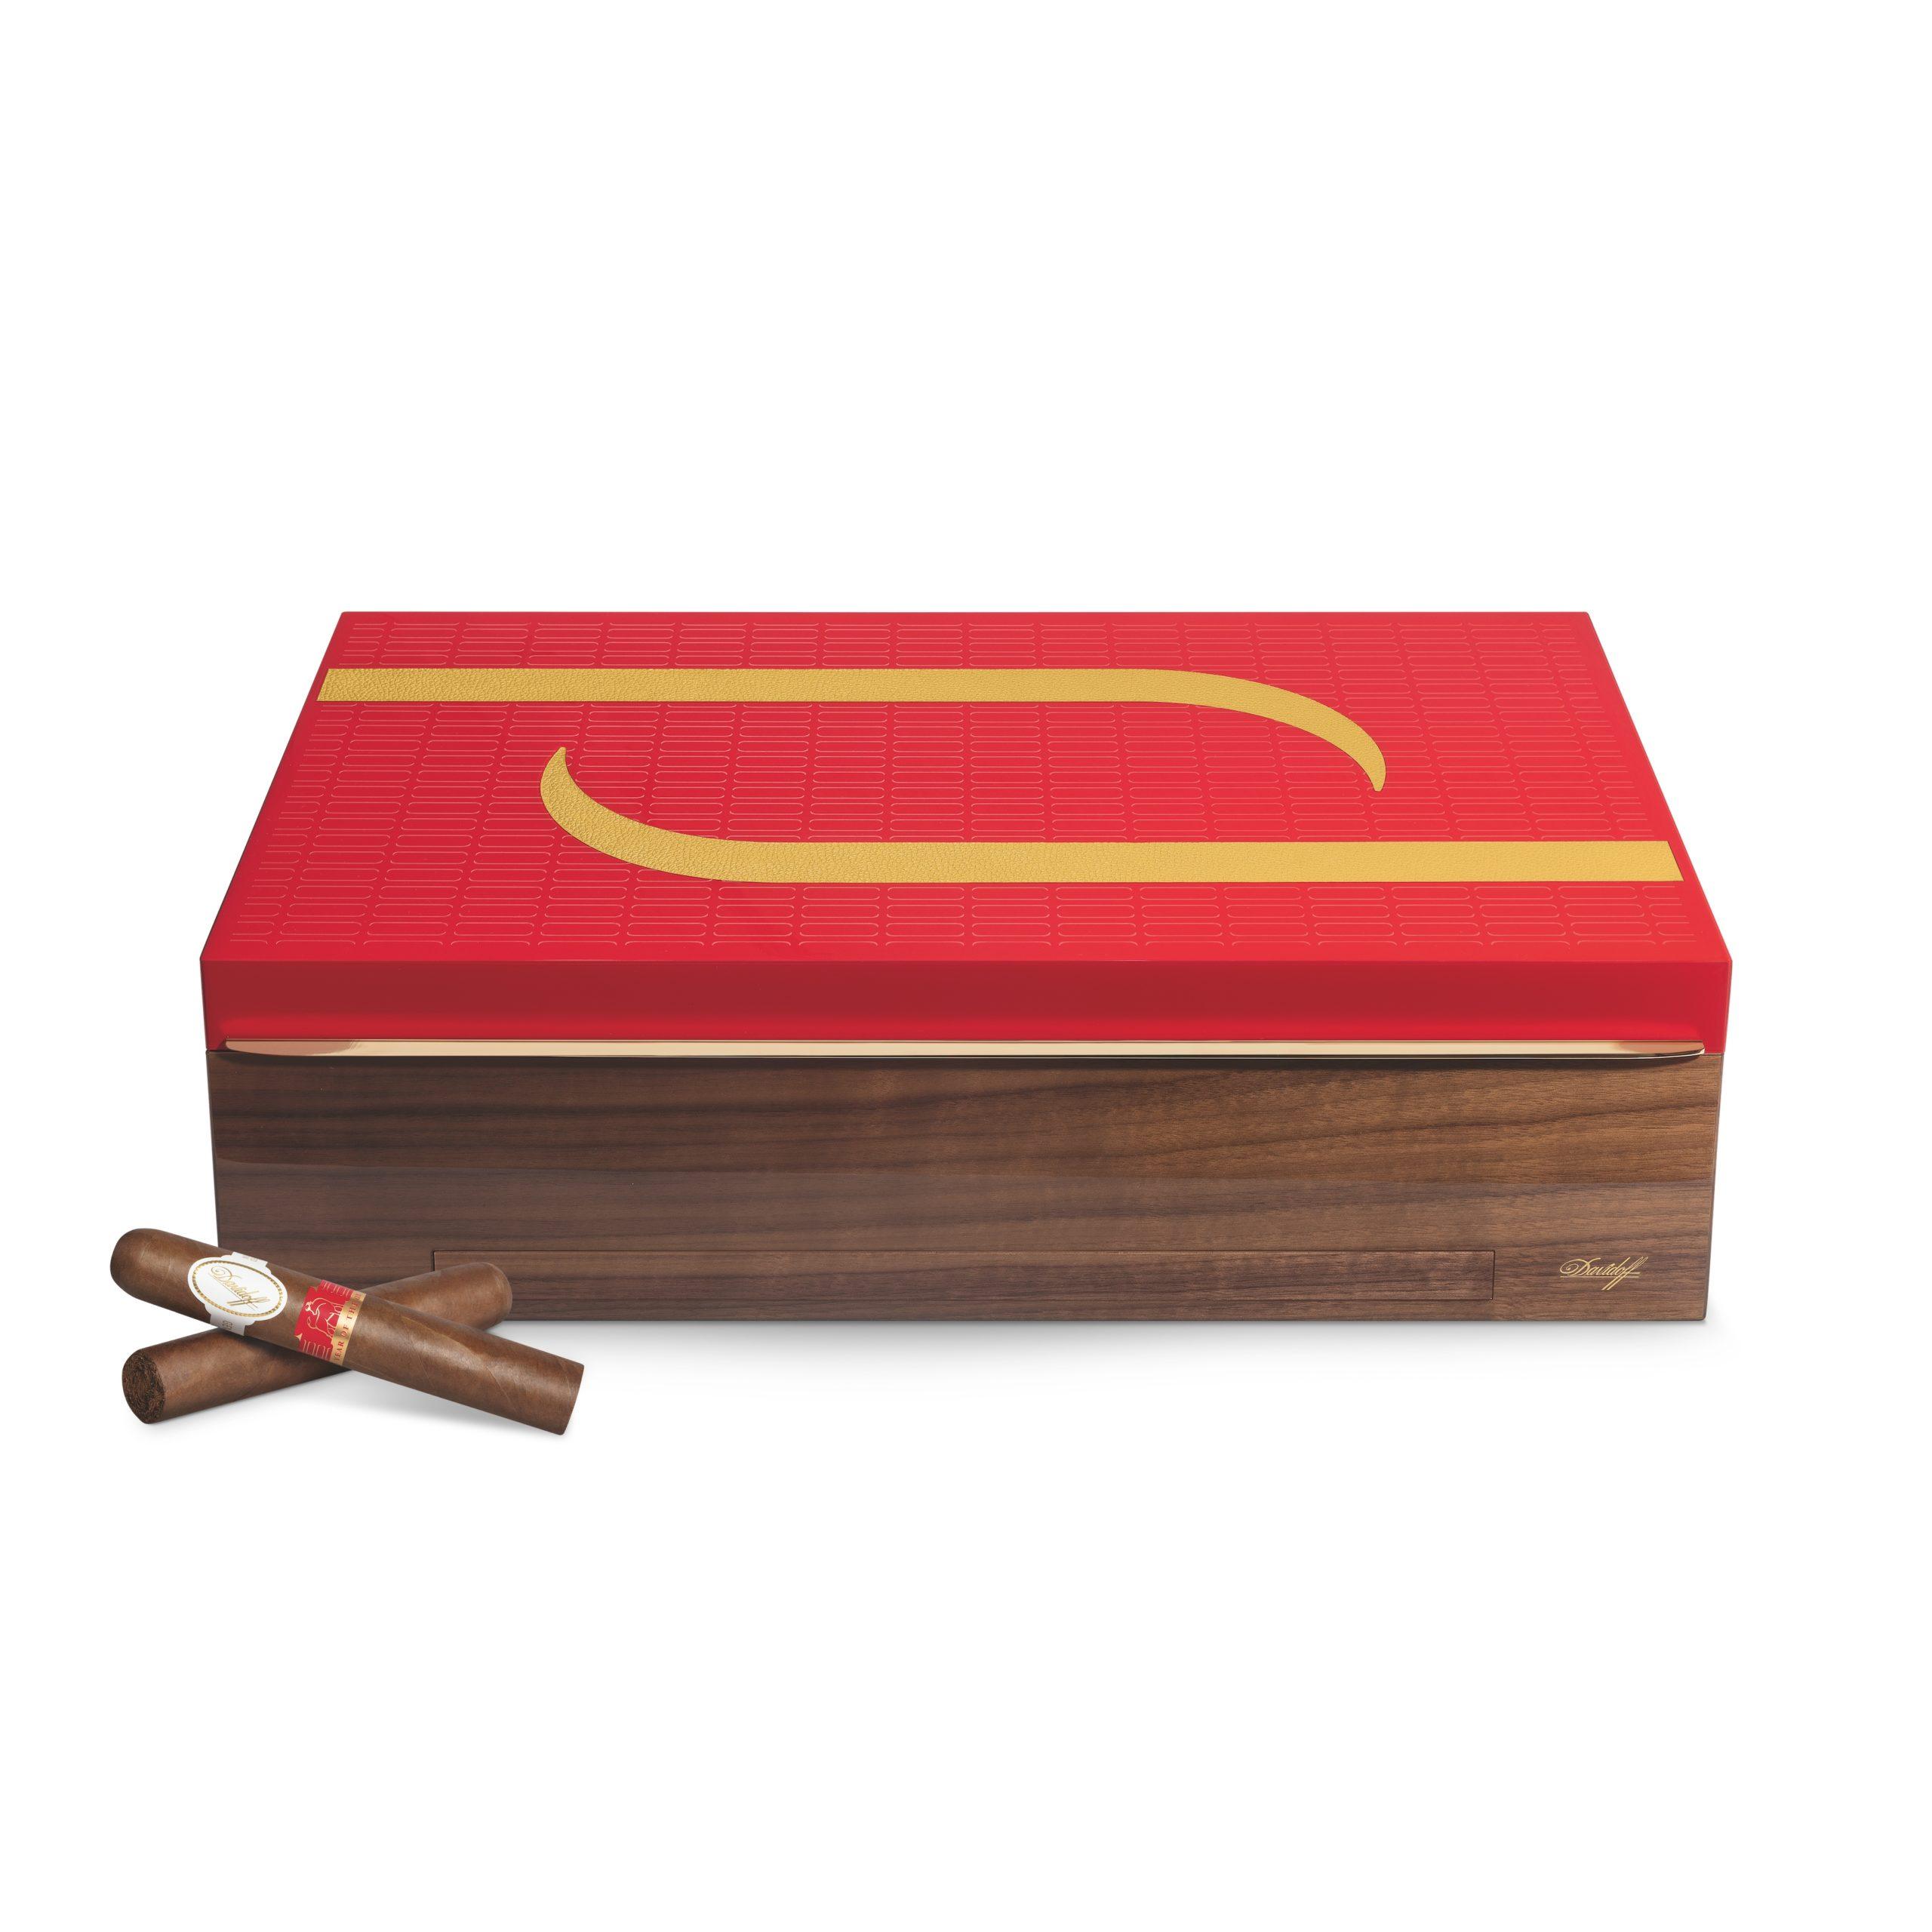 雪茄盒.jpeg